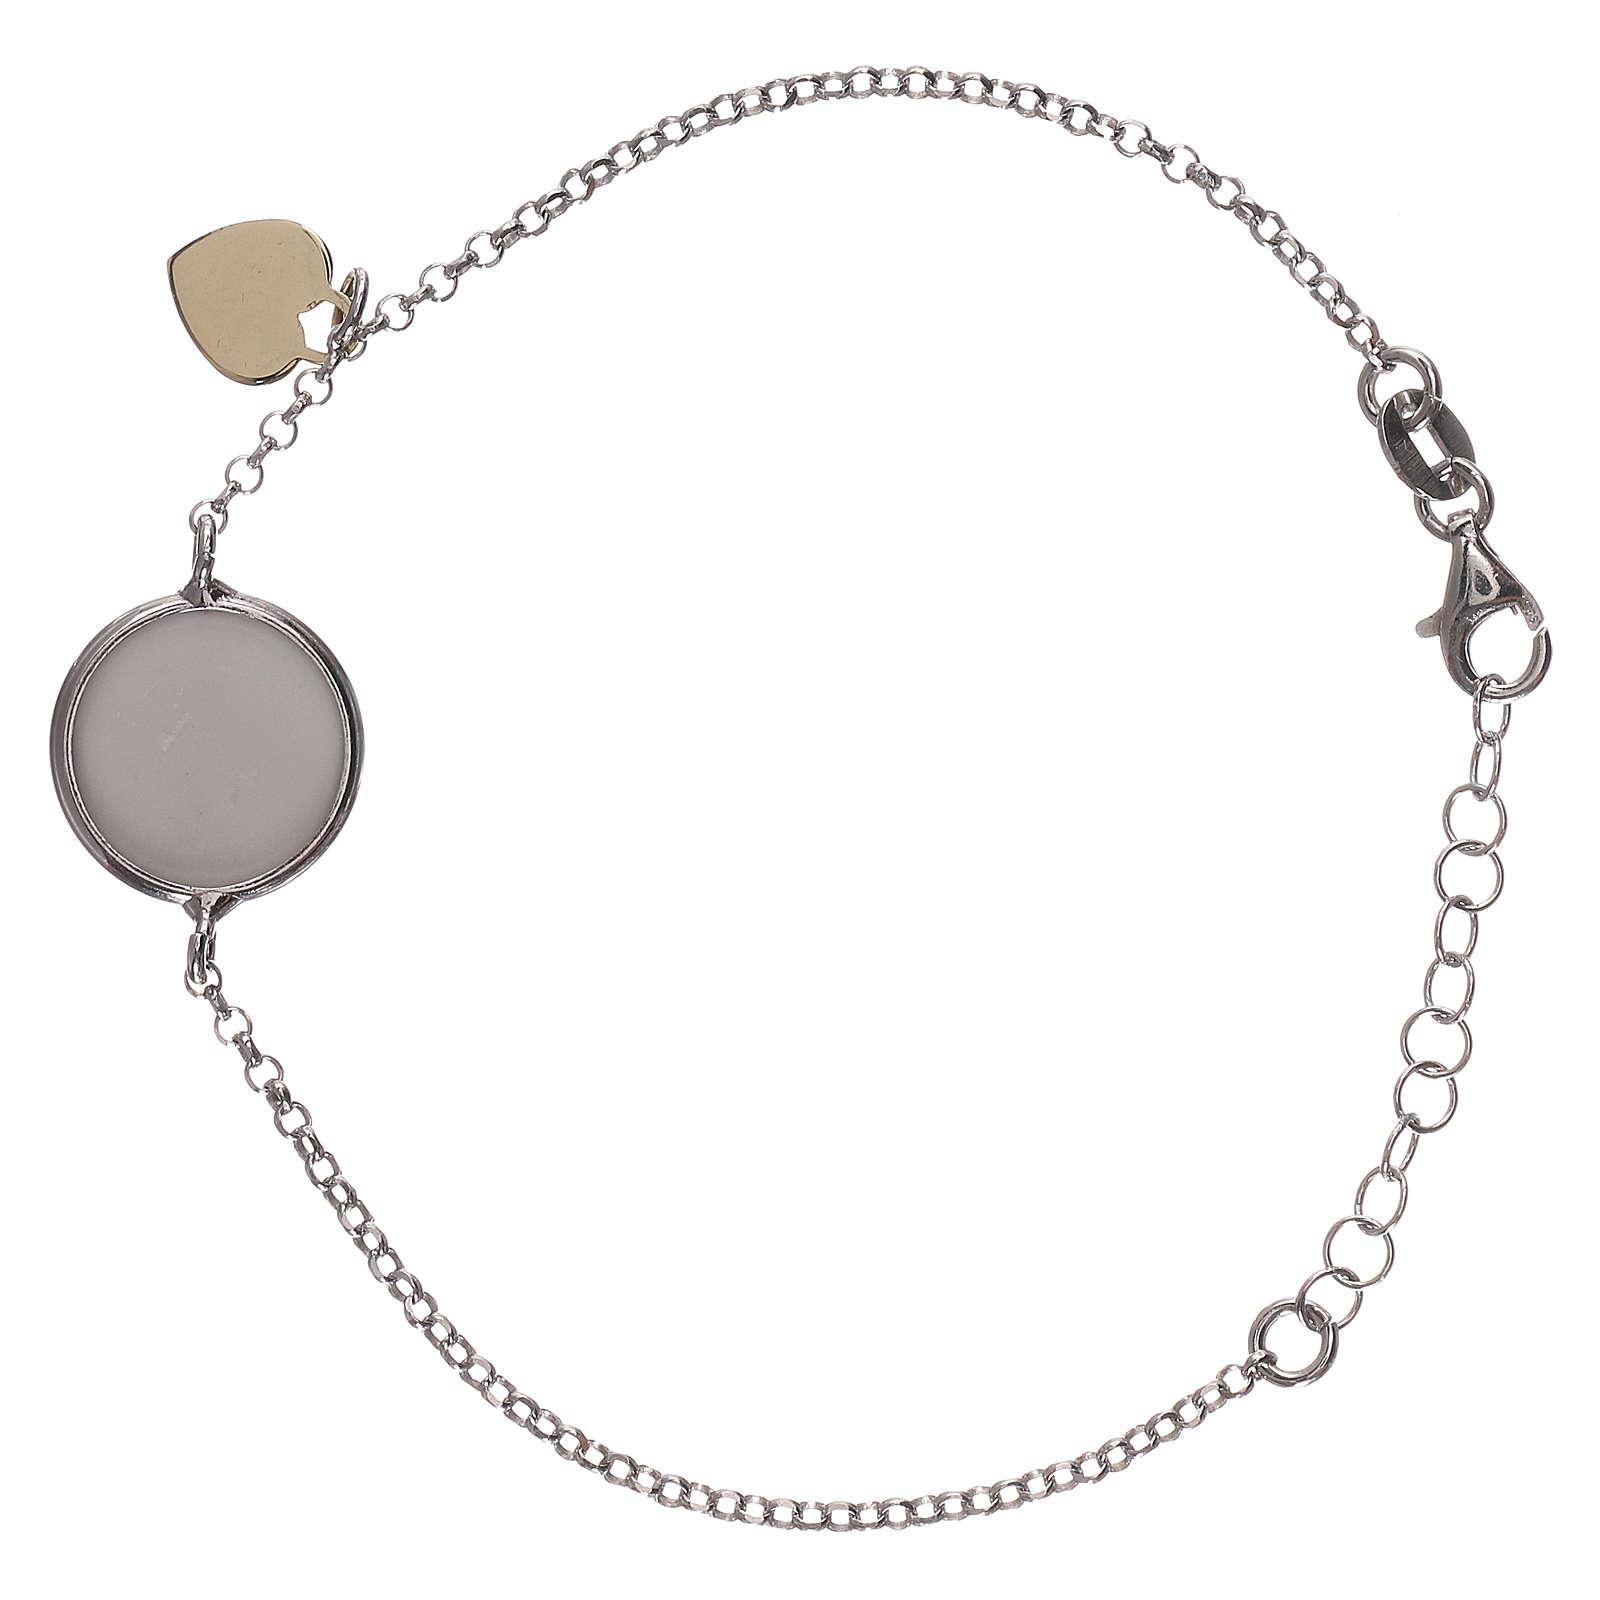 Braccialetto argento 925 medaglia e cuoricino 4